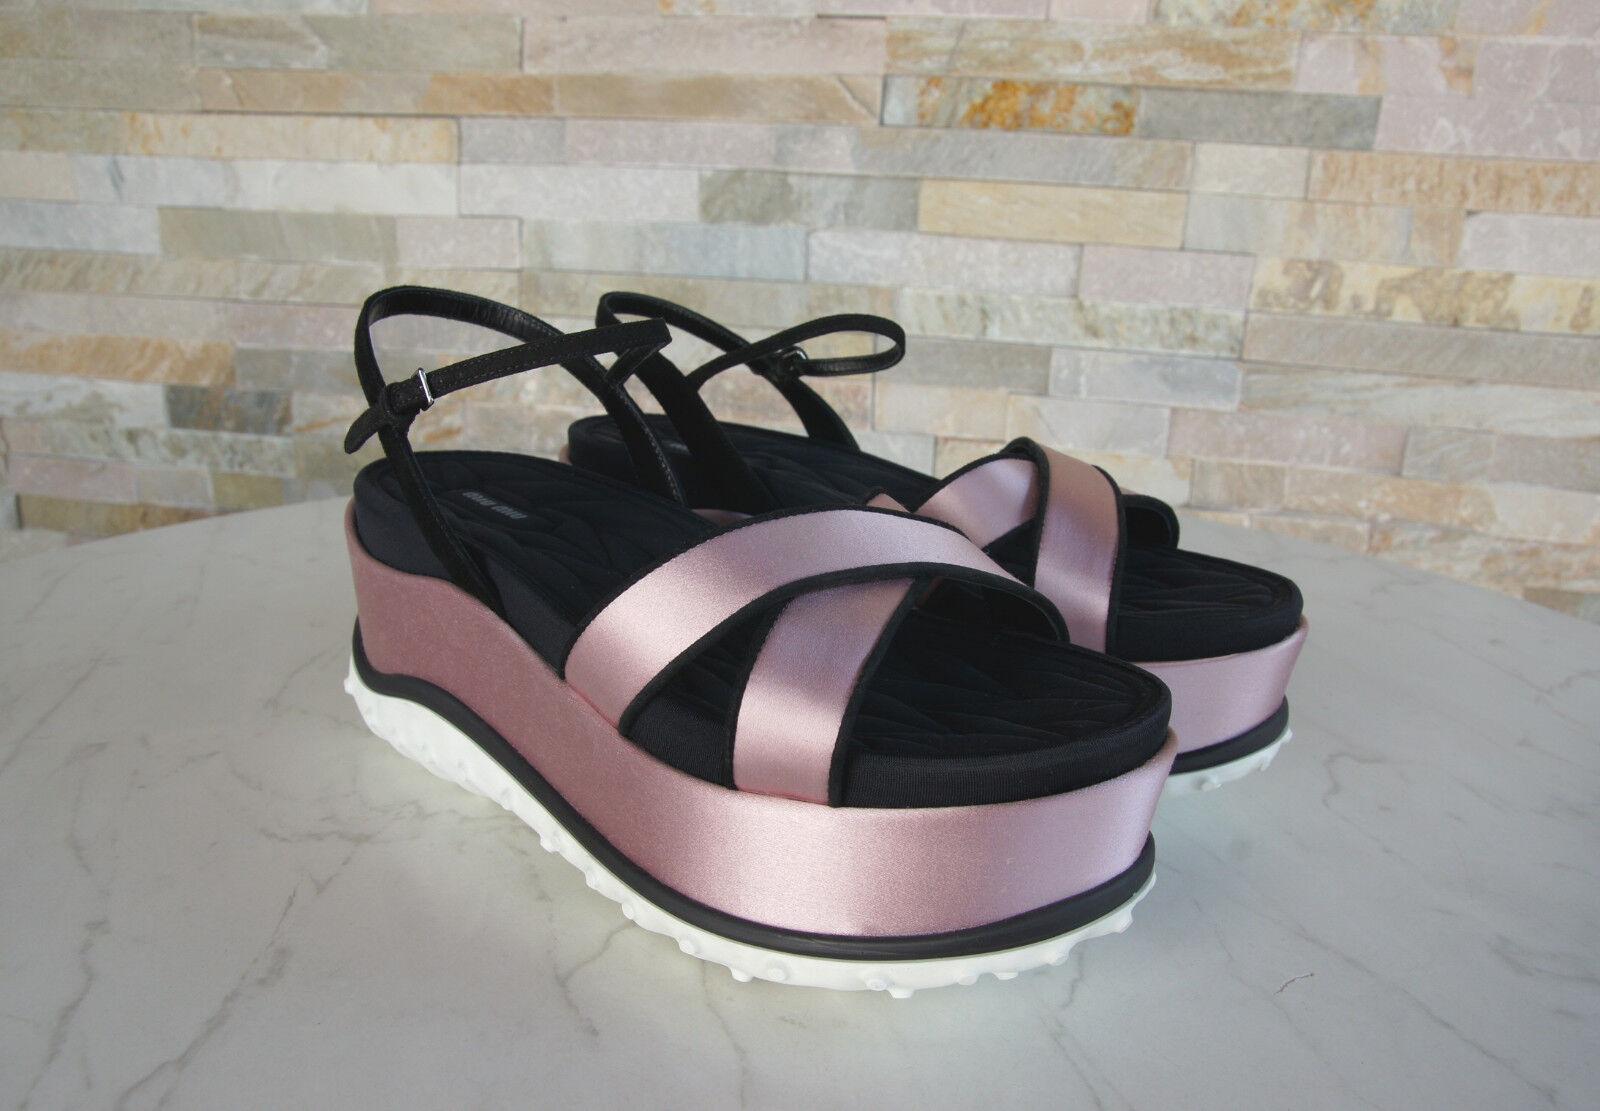 Miu Miu talla 37,5 plataforma sandalias zapatos de cuña zapatos sandalias lirio de los valles nuevo ex. PVP 04da03